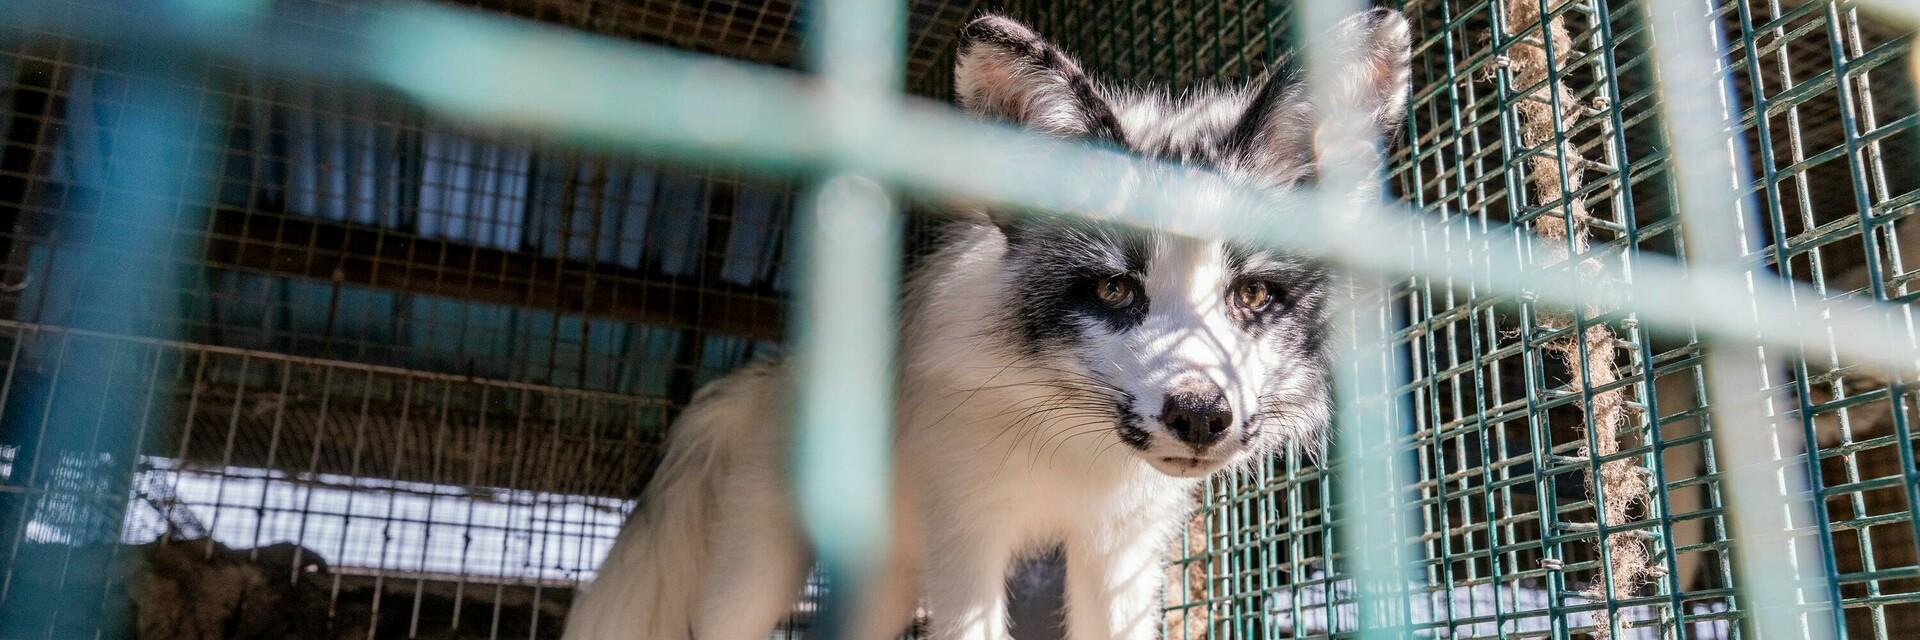 Gefangener Fuchs auf einer Pelzfarm in Finnland